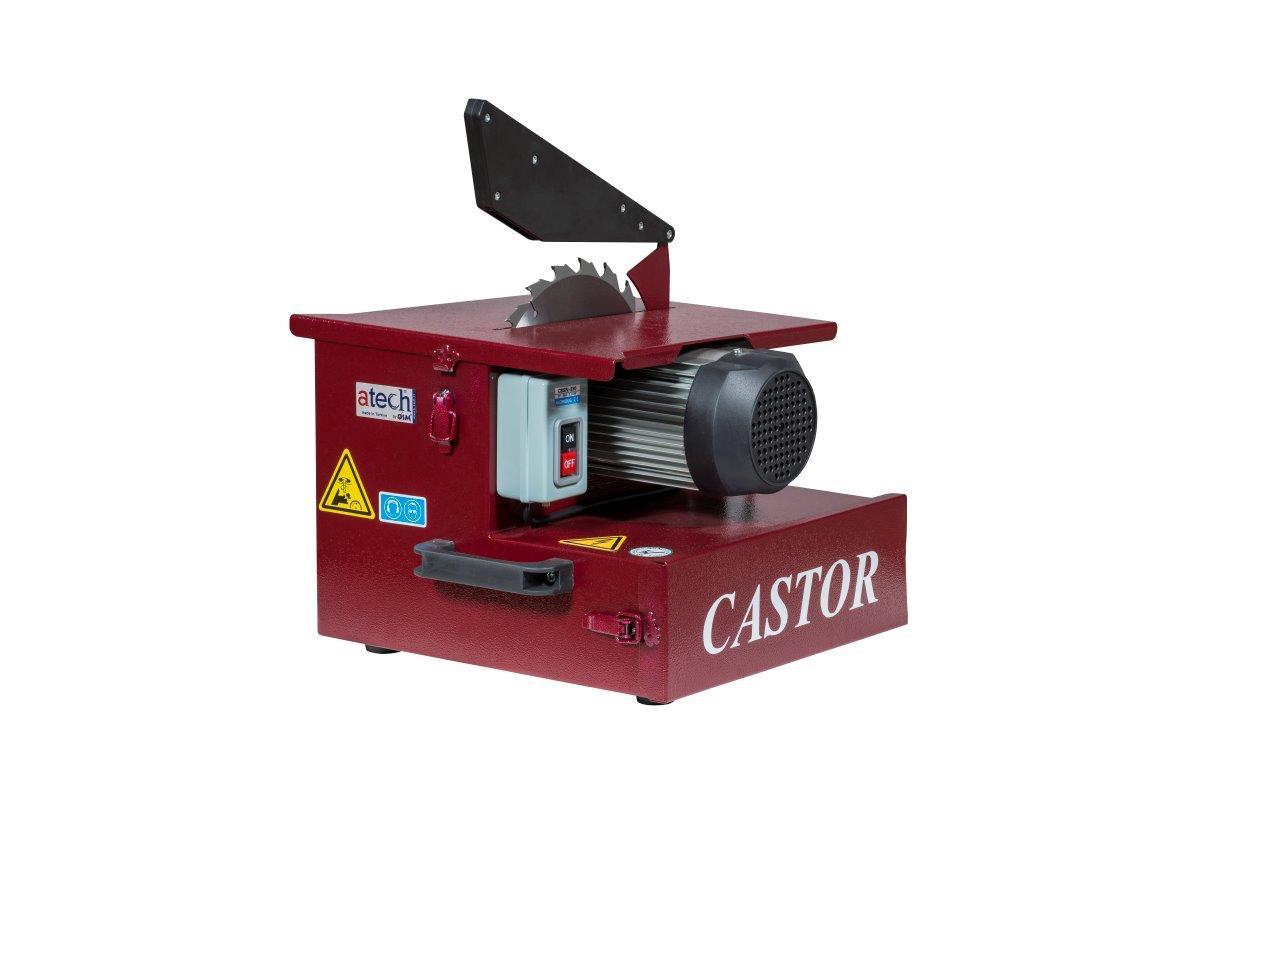 Castor_3